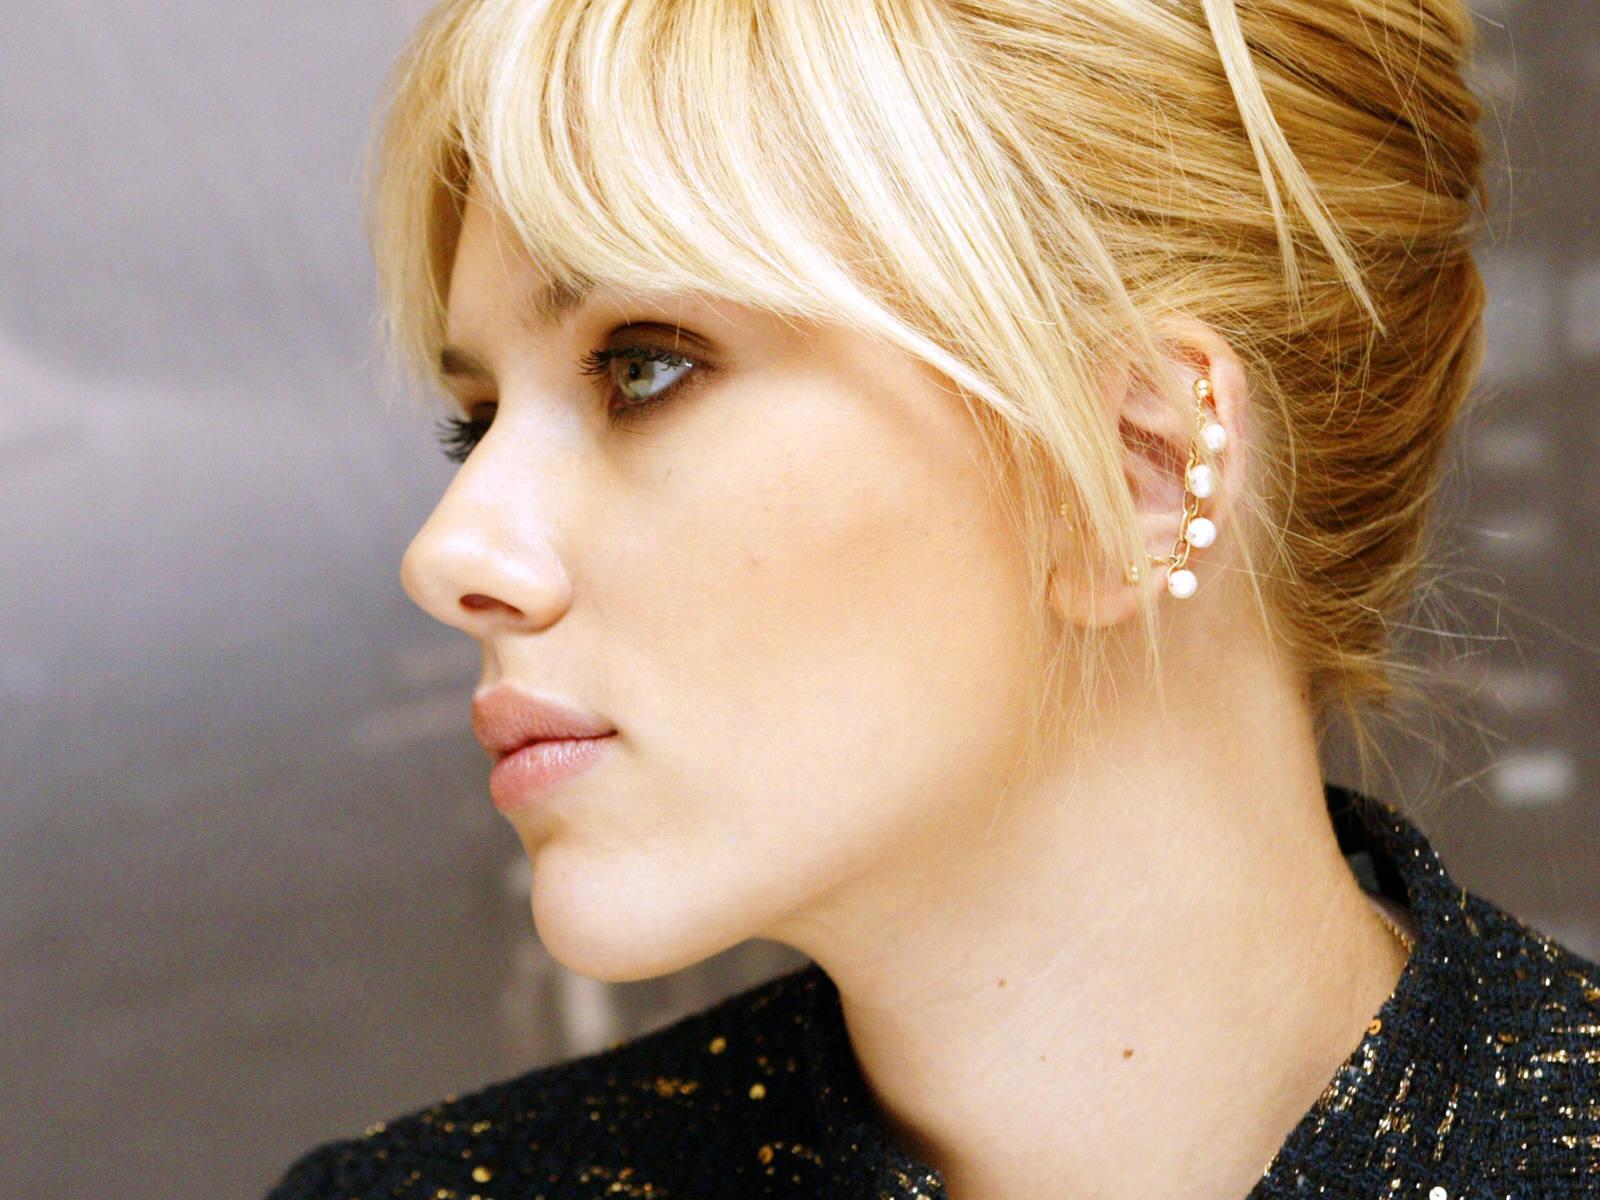 http://3.bp.blogspot.com/-E3UXW0_DXFc/TsffEQrEkkI/AAAAAAAABwY/z_oCGPYHdKI/s1600/Scarlett_Johansson_Wallpapers_side_fce_wallpaper.jpg